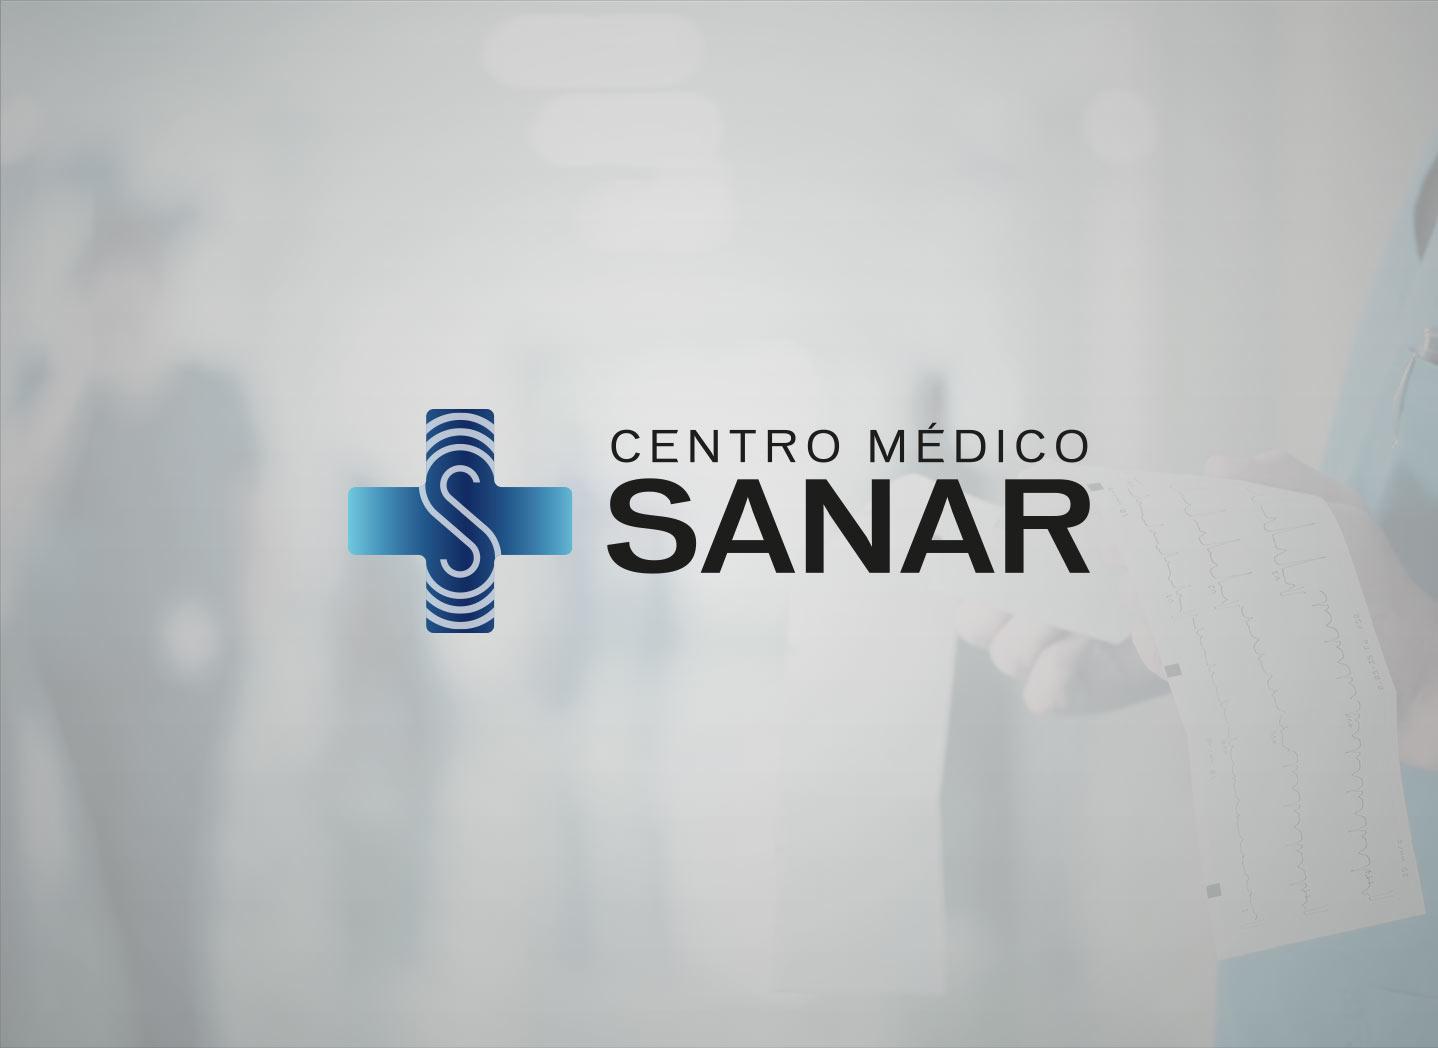 criação-de-logomarca-identidade-de-marca-e-naming-para-empresas-clinica-medica